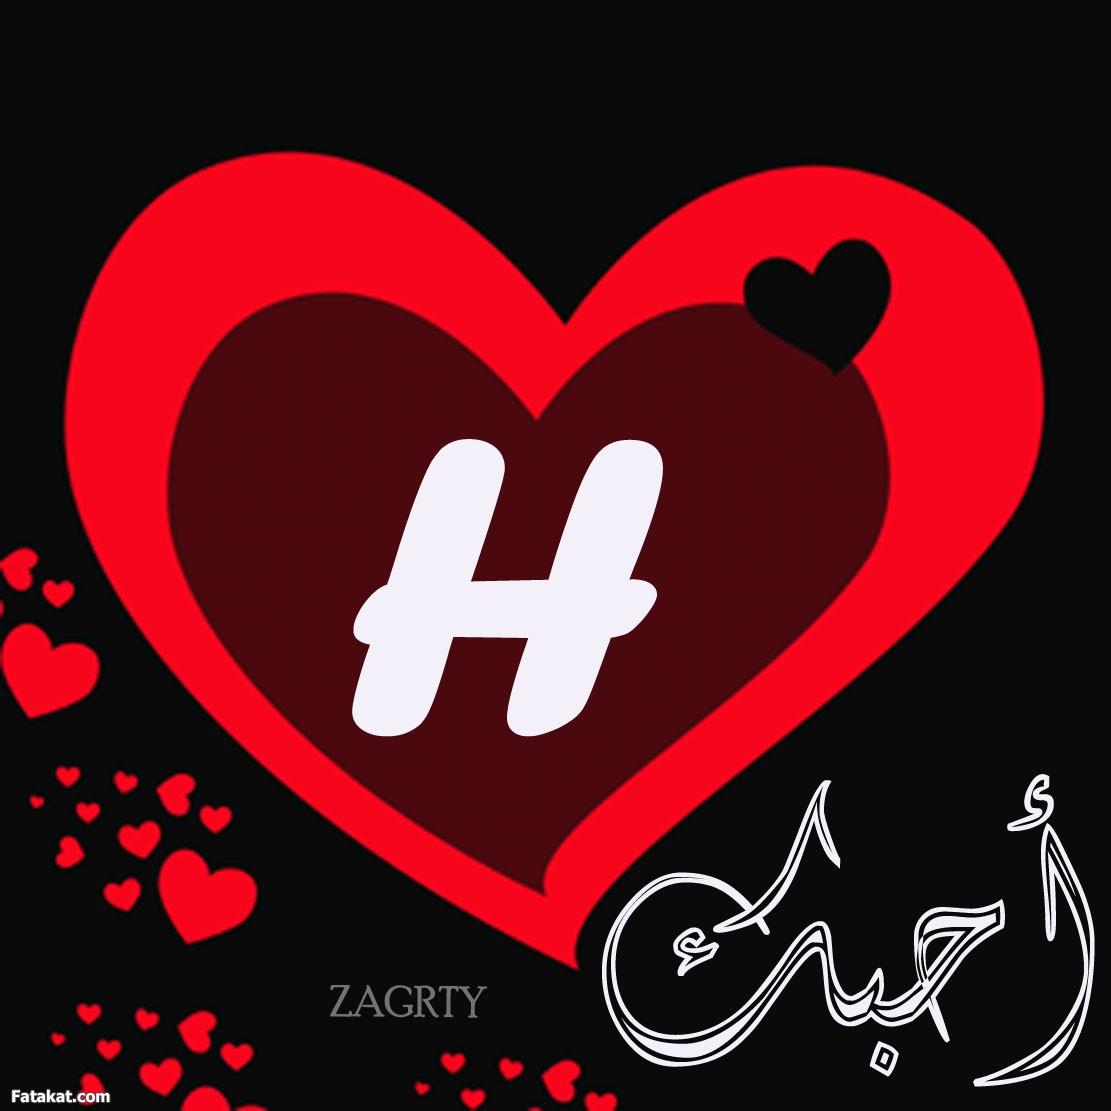 صور حرف h, اجمل صور حرف h, اروع صور حرف h, اجدد صور حرف h, احدث صور حرف h, احلى صور حرف h